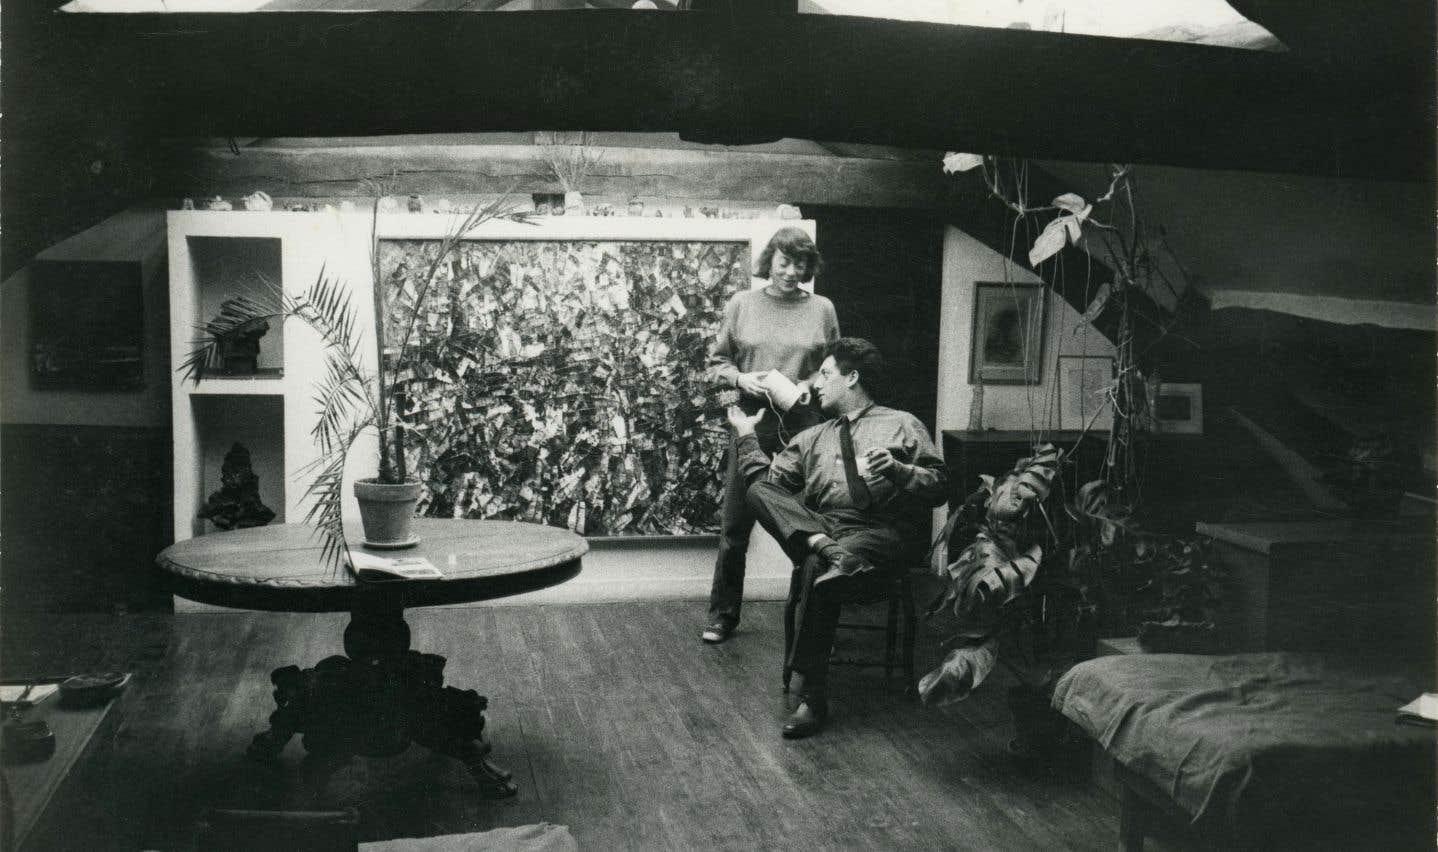 Joan Mitchell et Jean-Paul Riopelle dans leur atelier-appartement de Paris en 1963